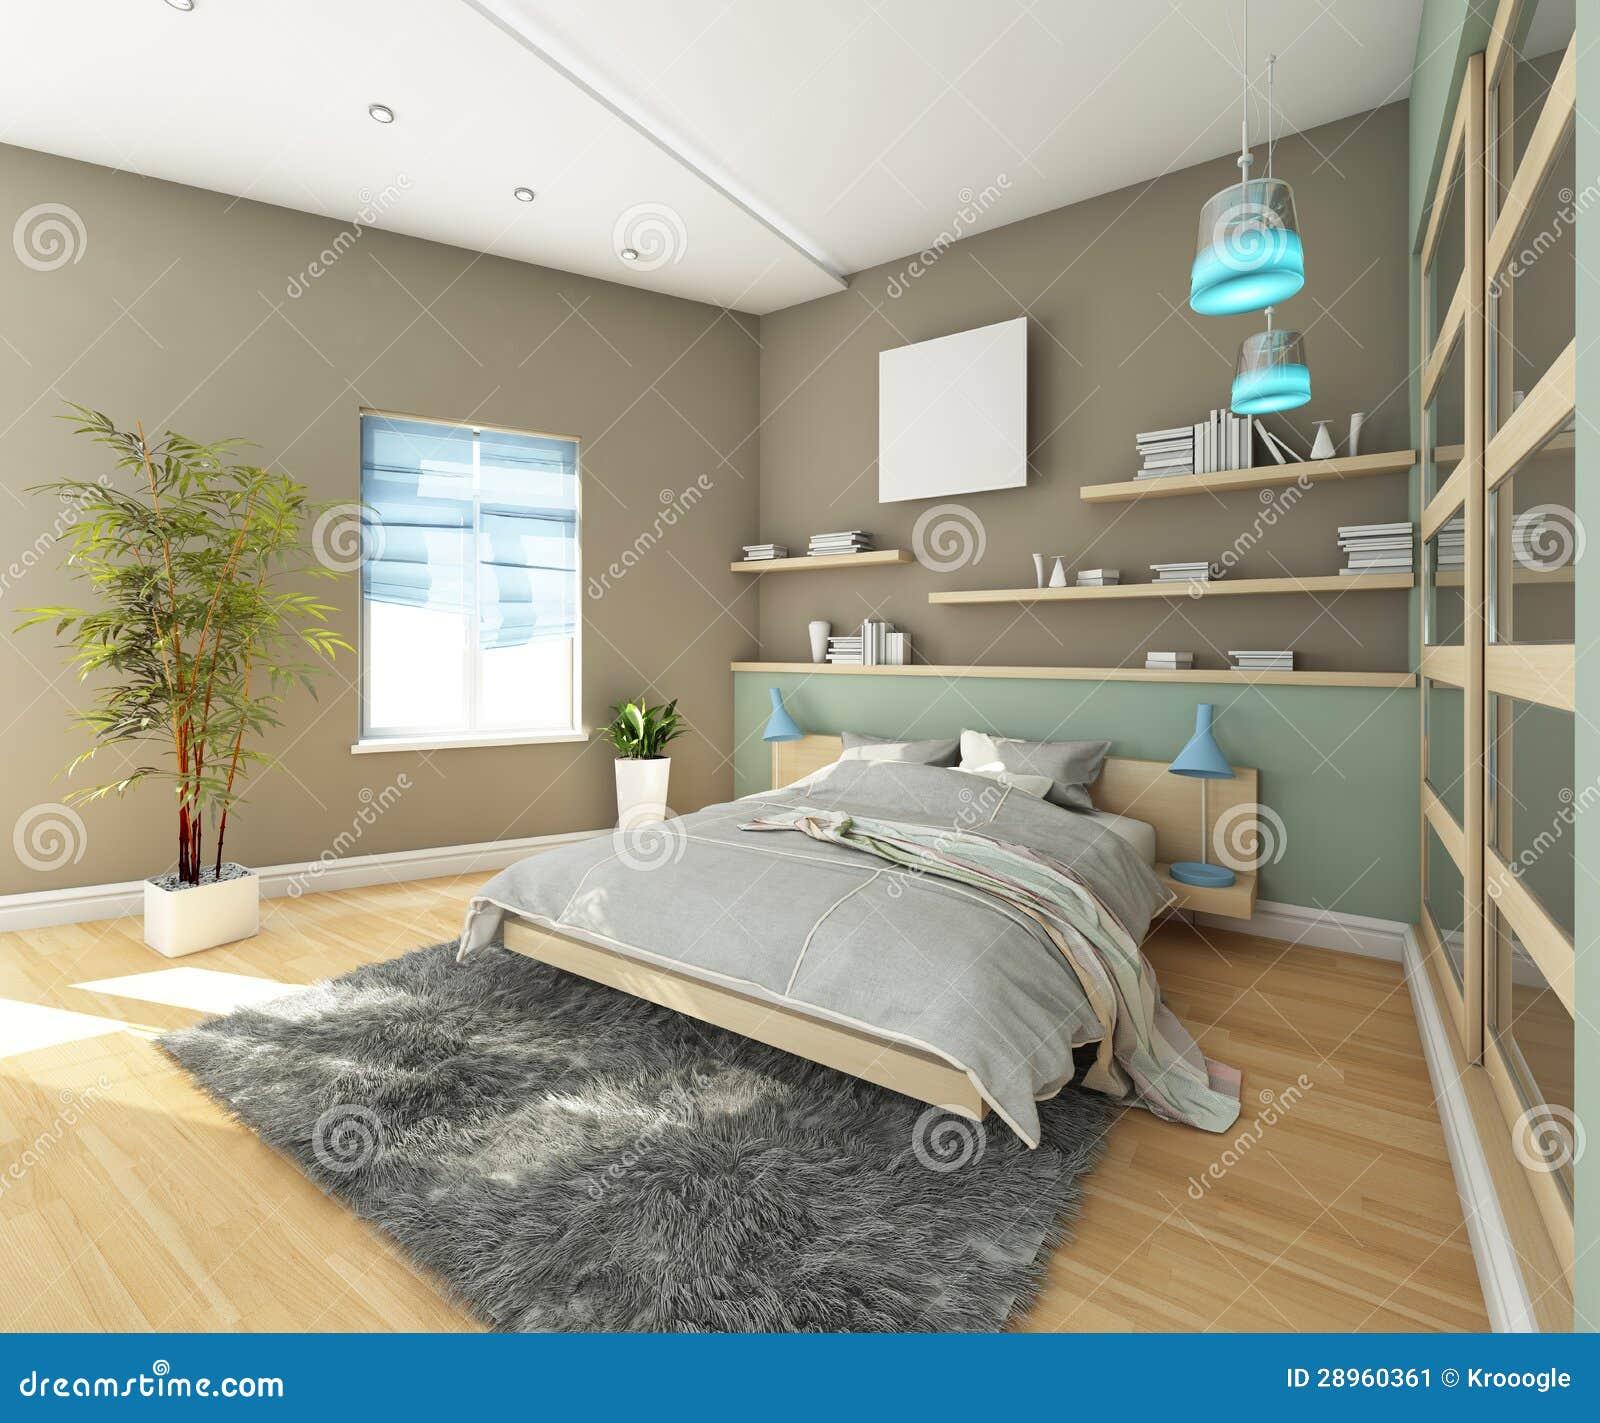 https://thumbs.dreamstime.com/z/de-slaapkamer-van-de-tiener-met-tapijt-28960361.jpg